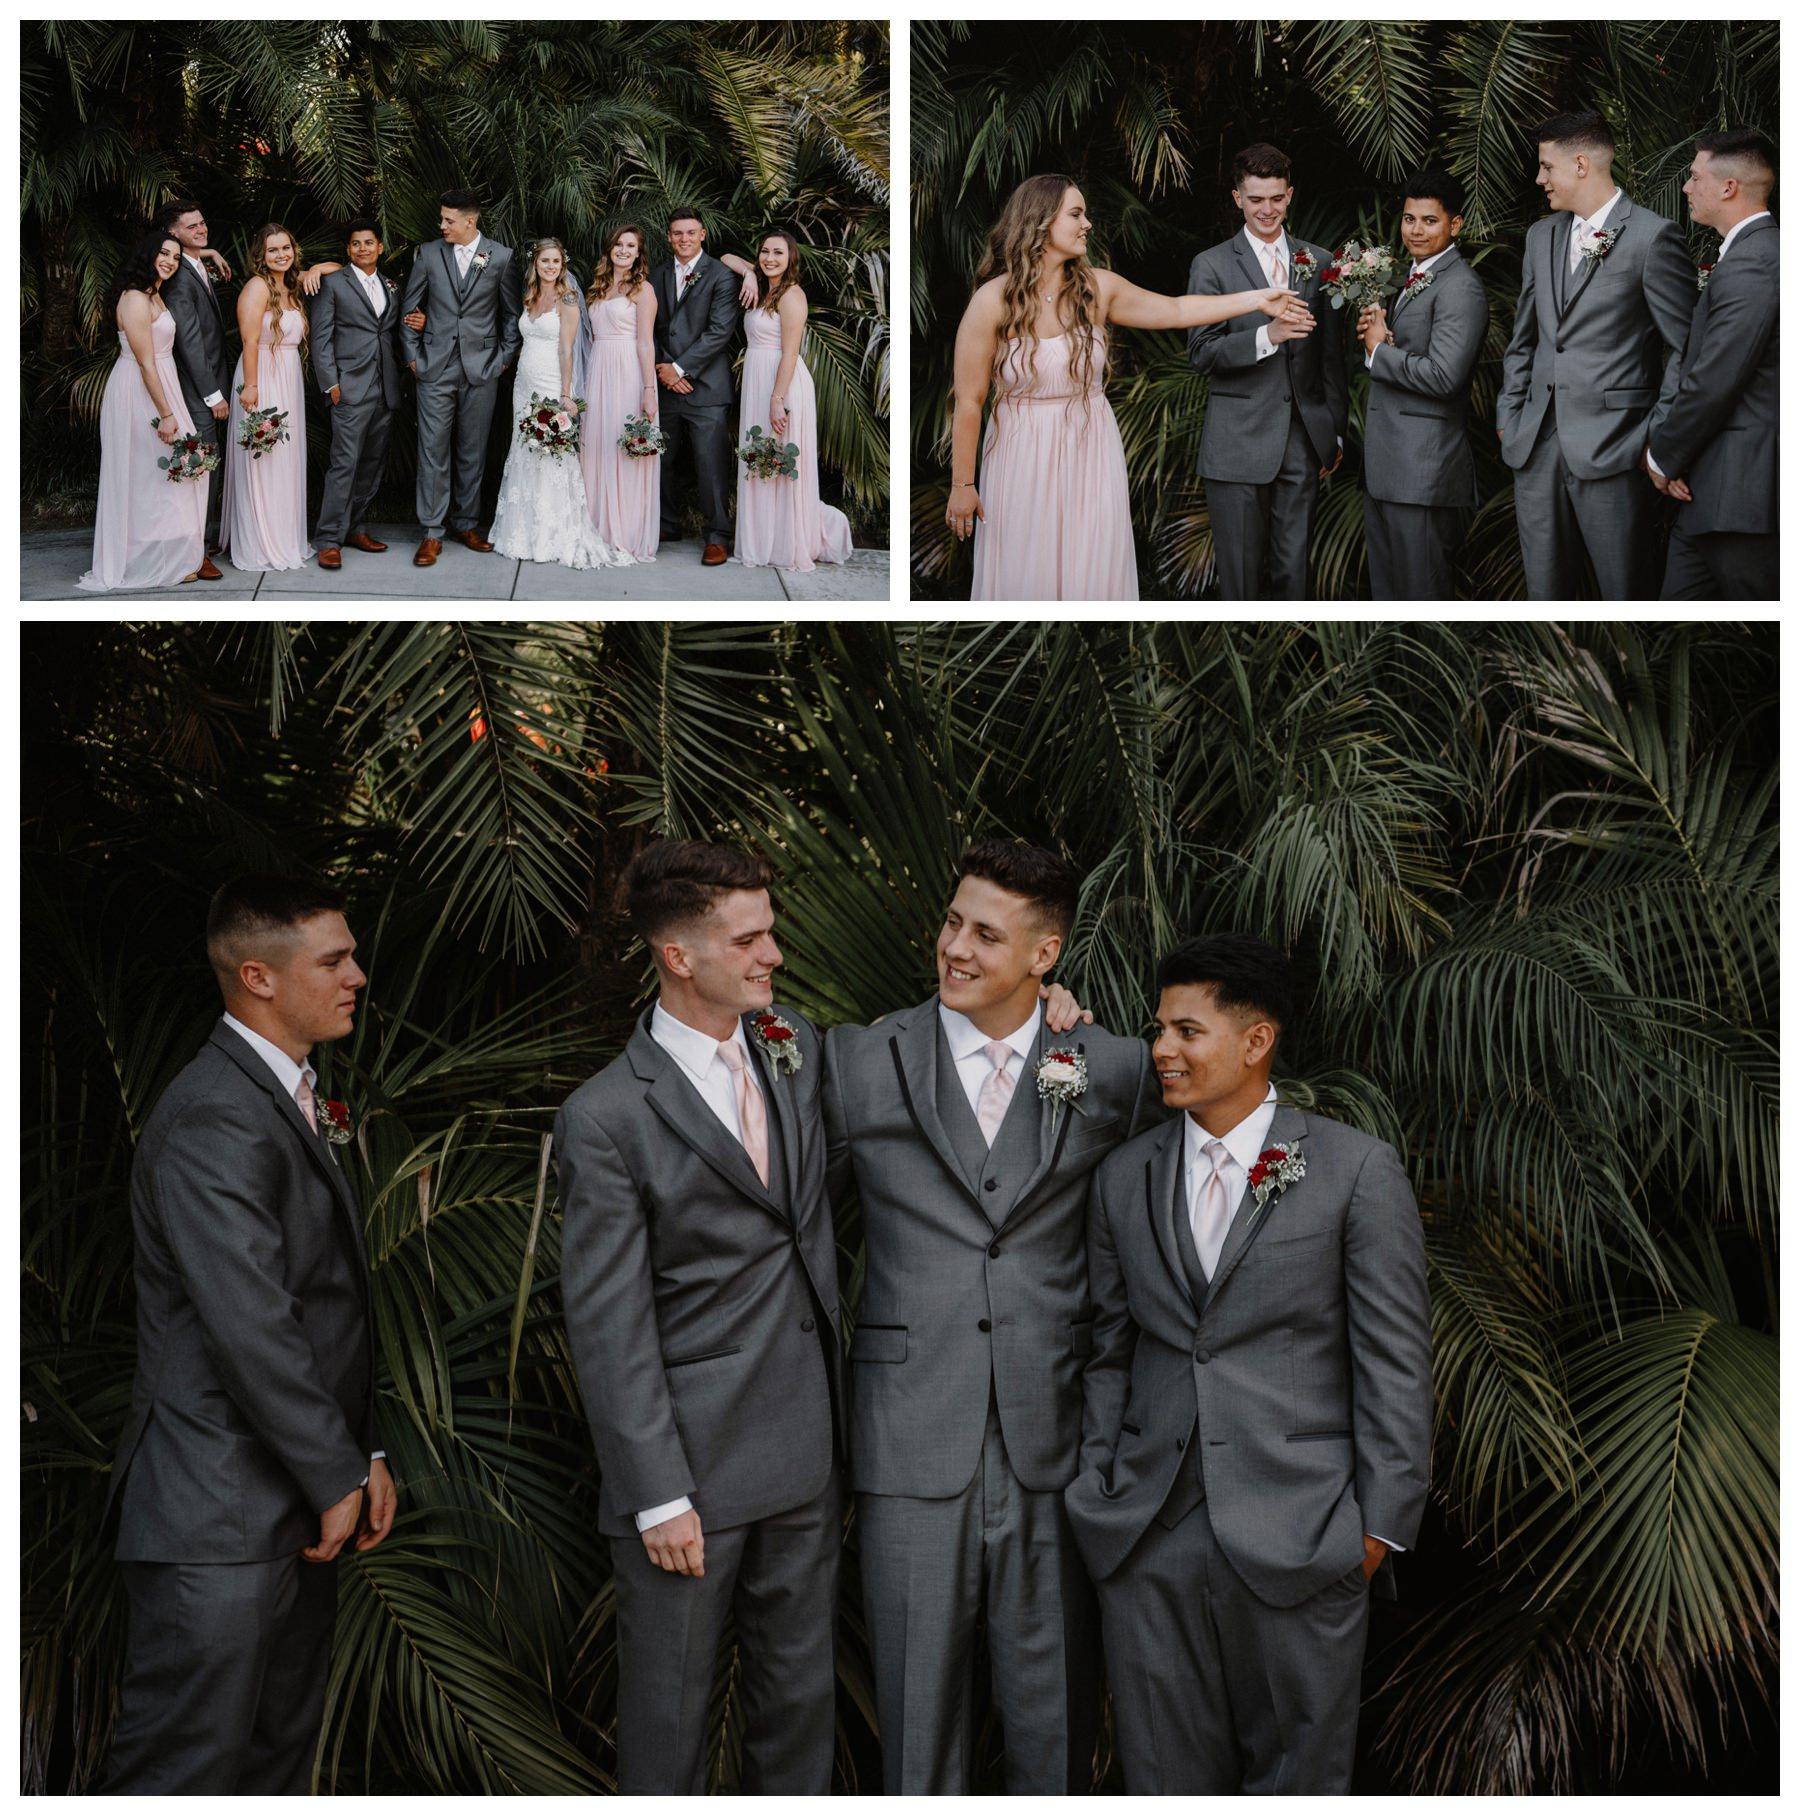 Coronado_Beach_Wedding_Singler_Photography_0033.jpg